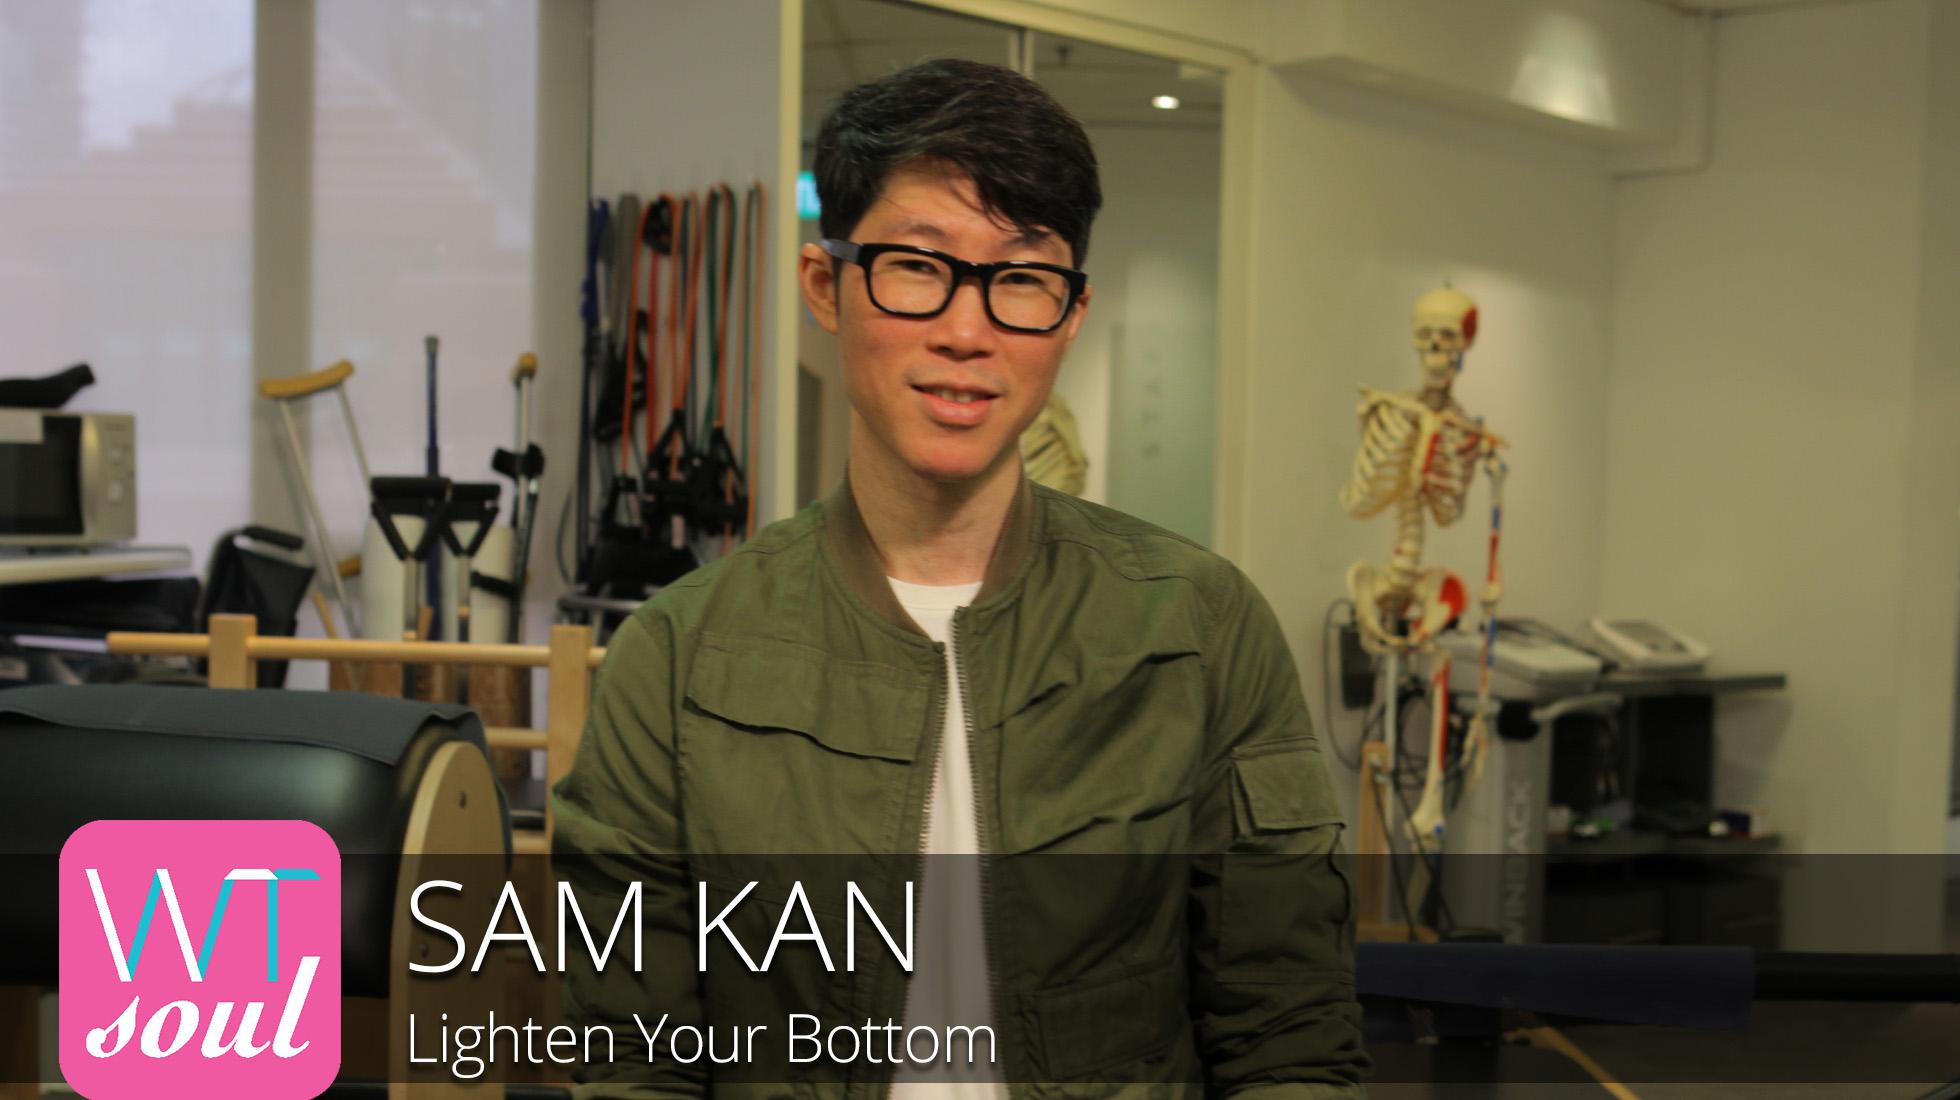 sam kan lighten your bottom